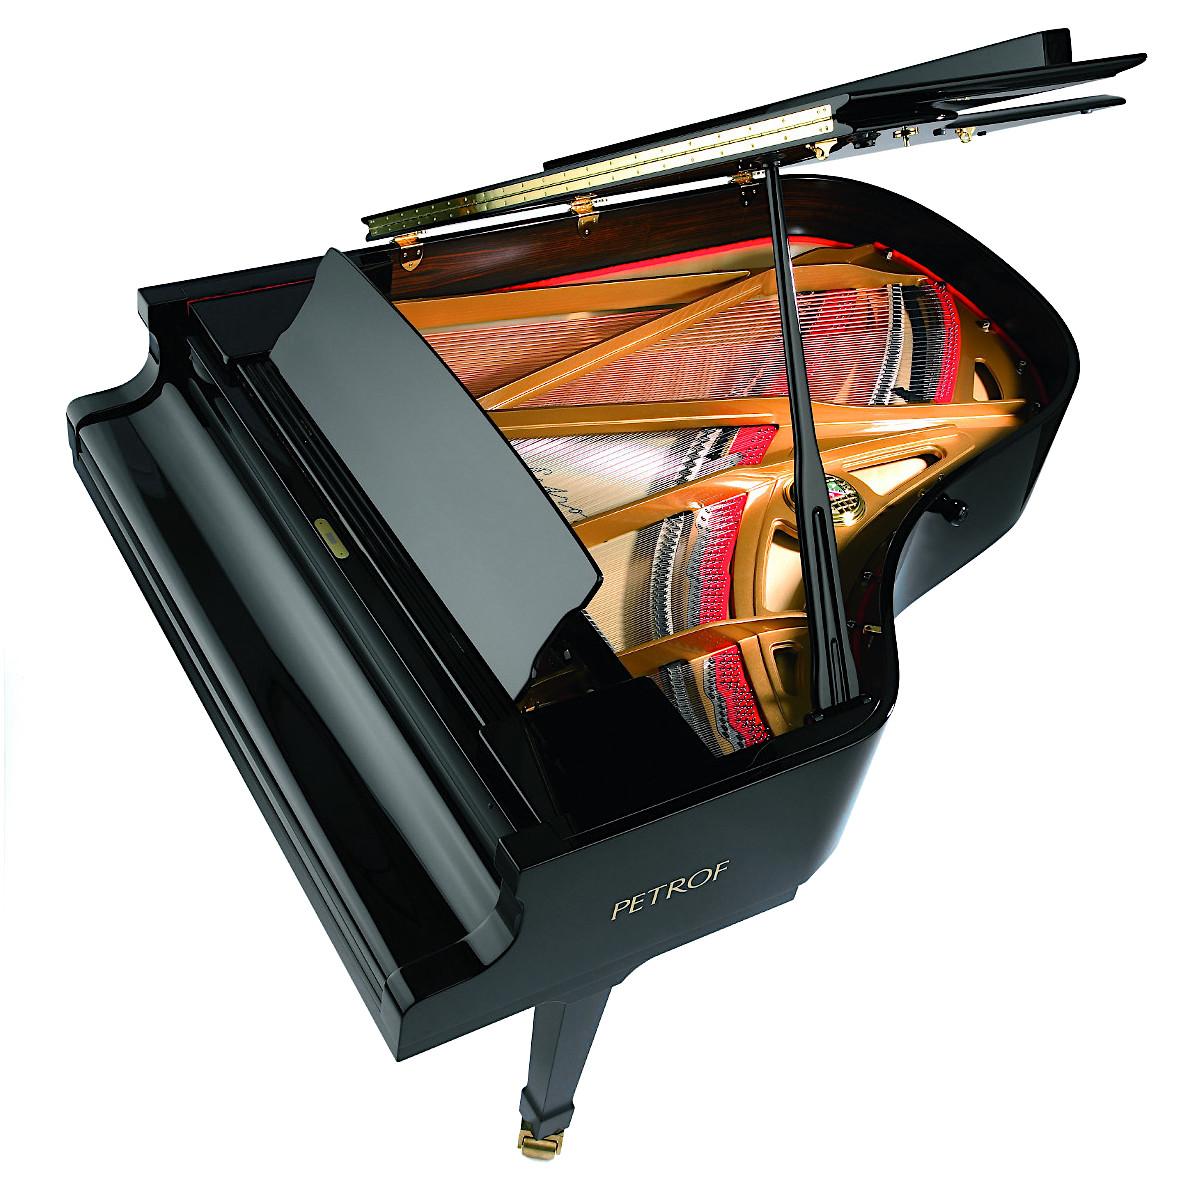 Акустический рояль PETROF P 194 Storm черный Фото 2